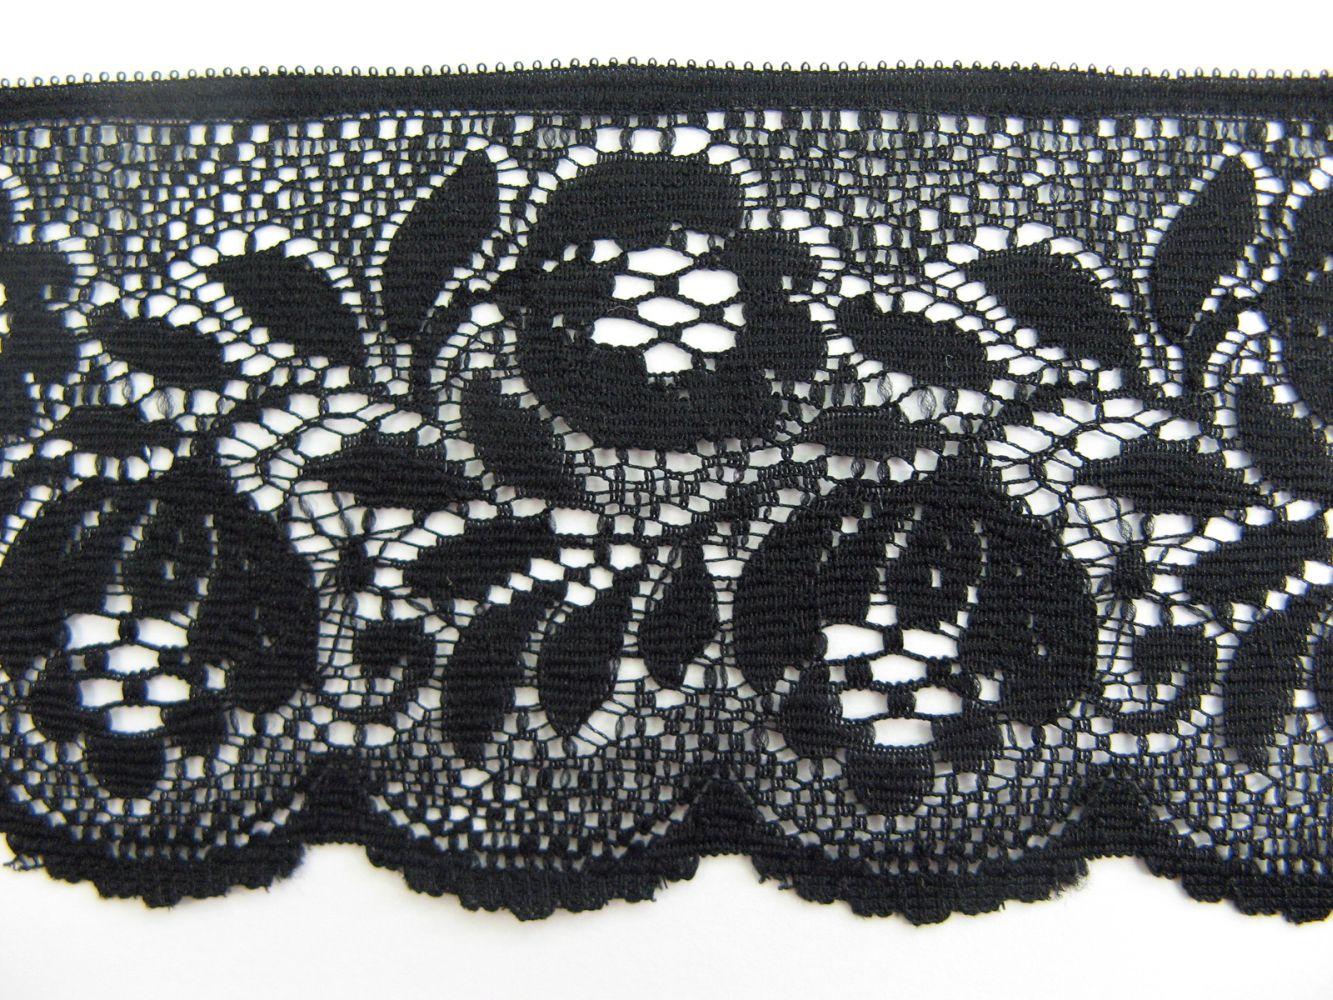 Spitze, schwarz, 6 cm breit